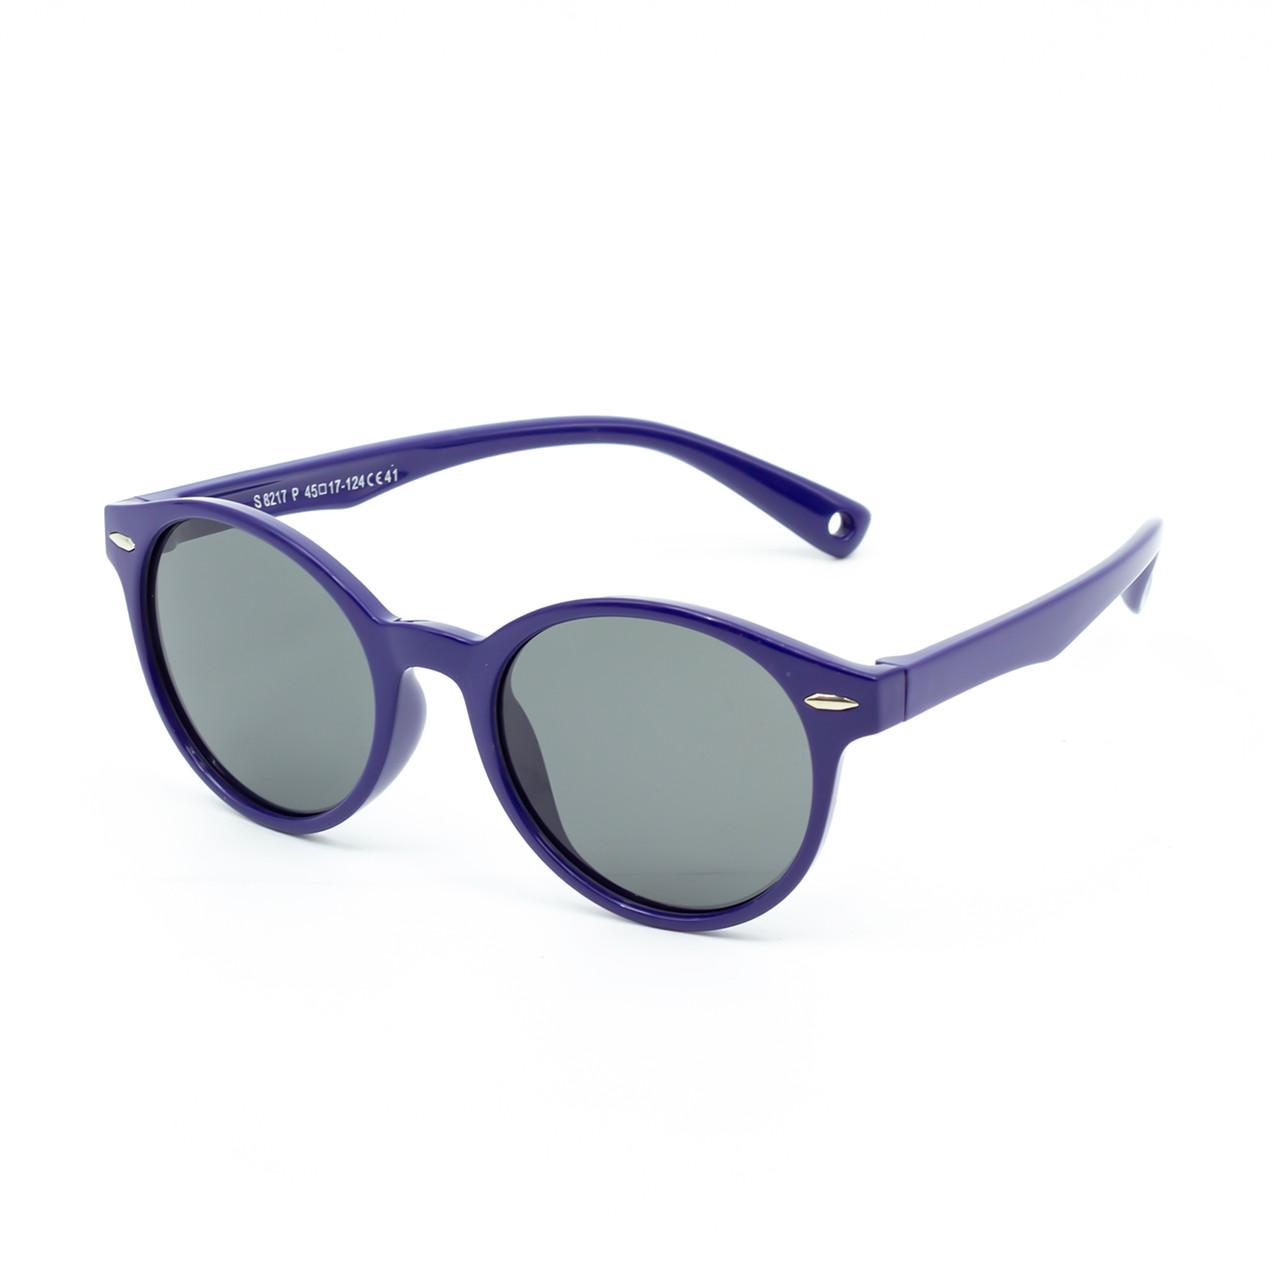 Сонцезахисні окуляри Marmilen Polar S8217P C41 тим.синій ( KAS8217P-41 )